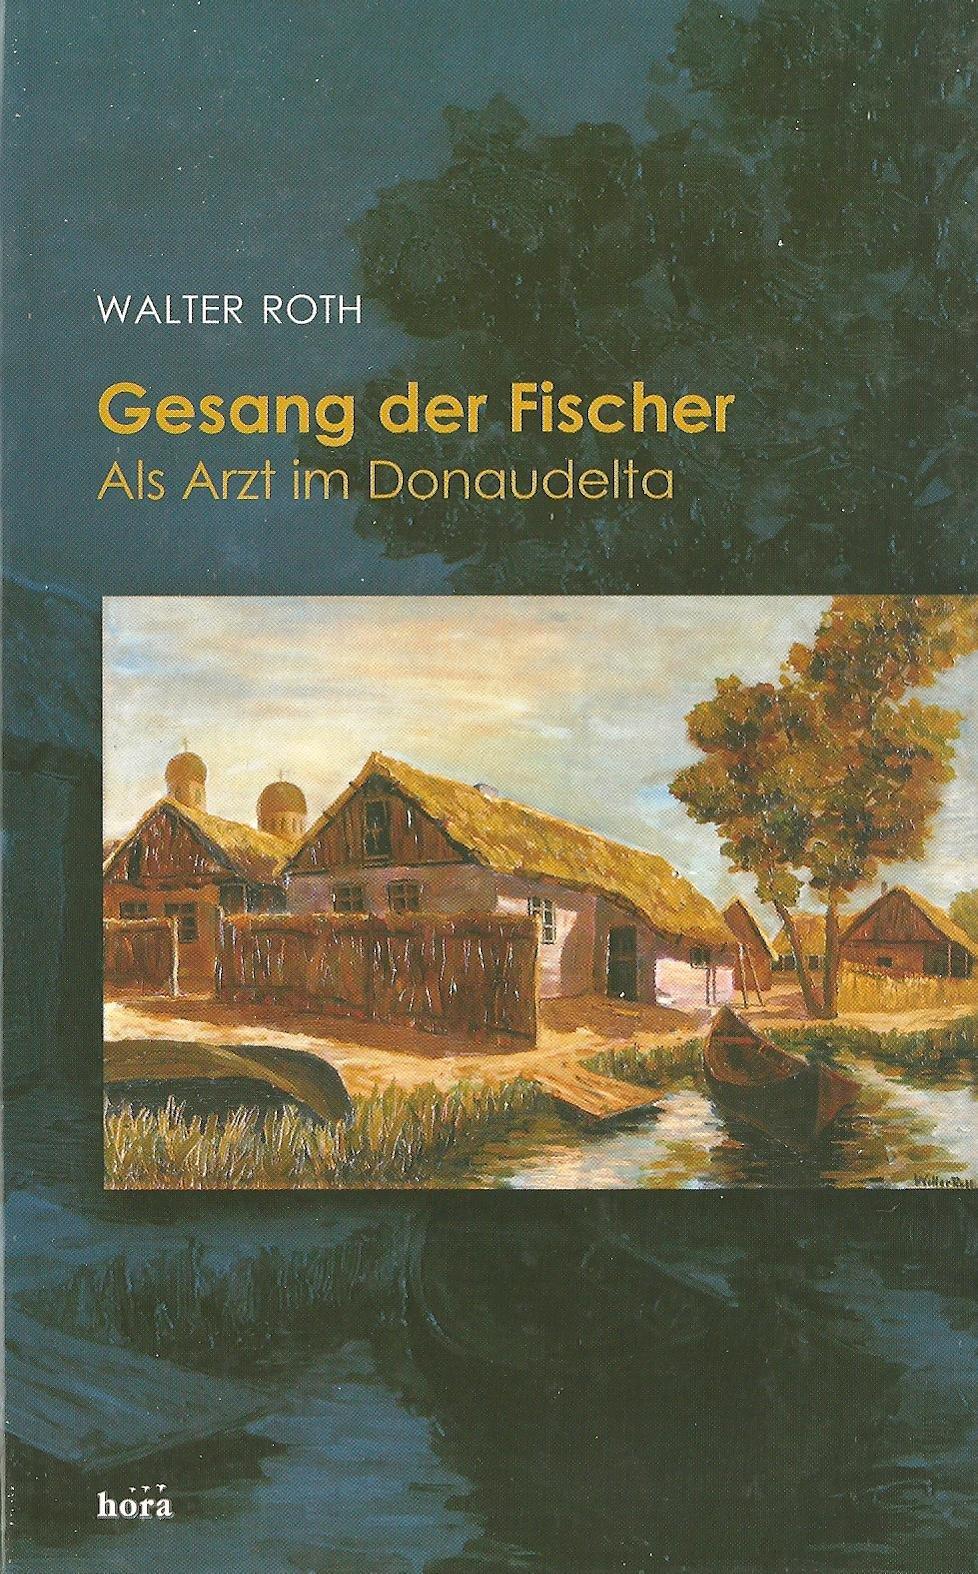 Gesang der Fischer: Als Arzt im Donaudelta